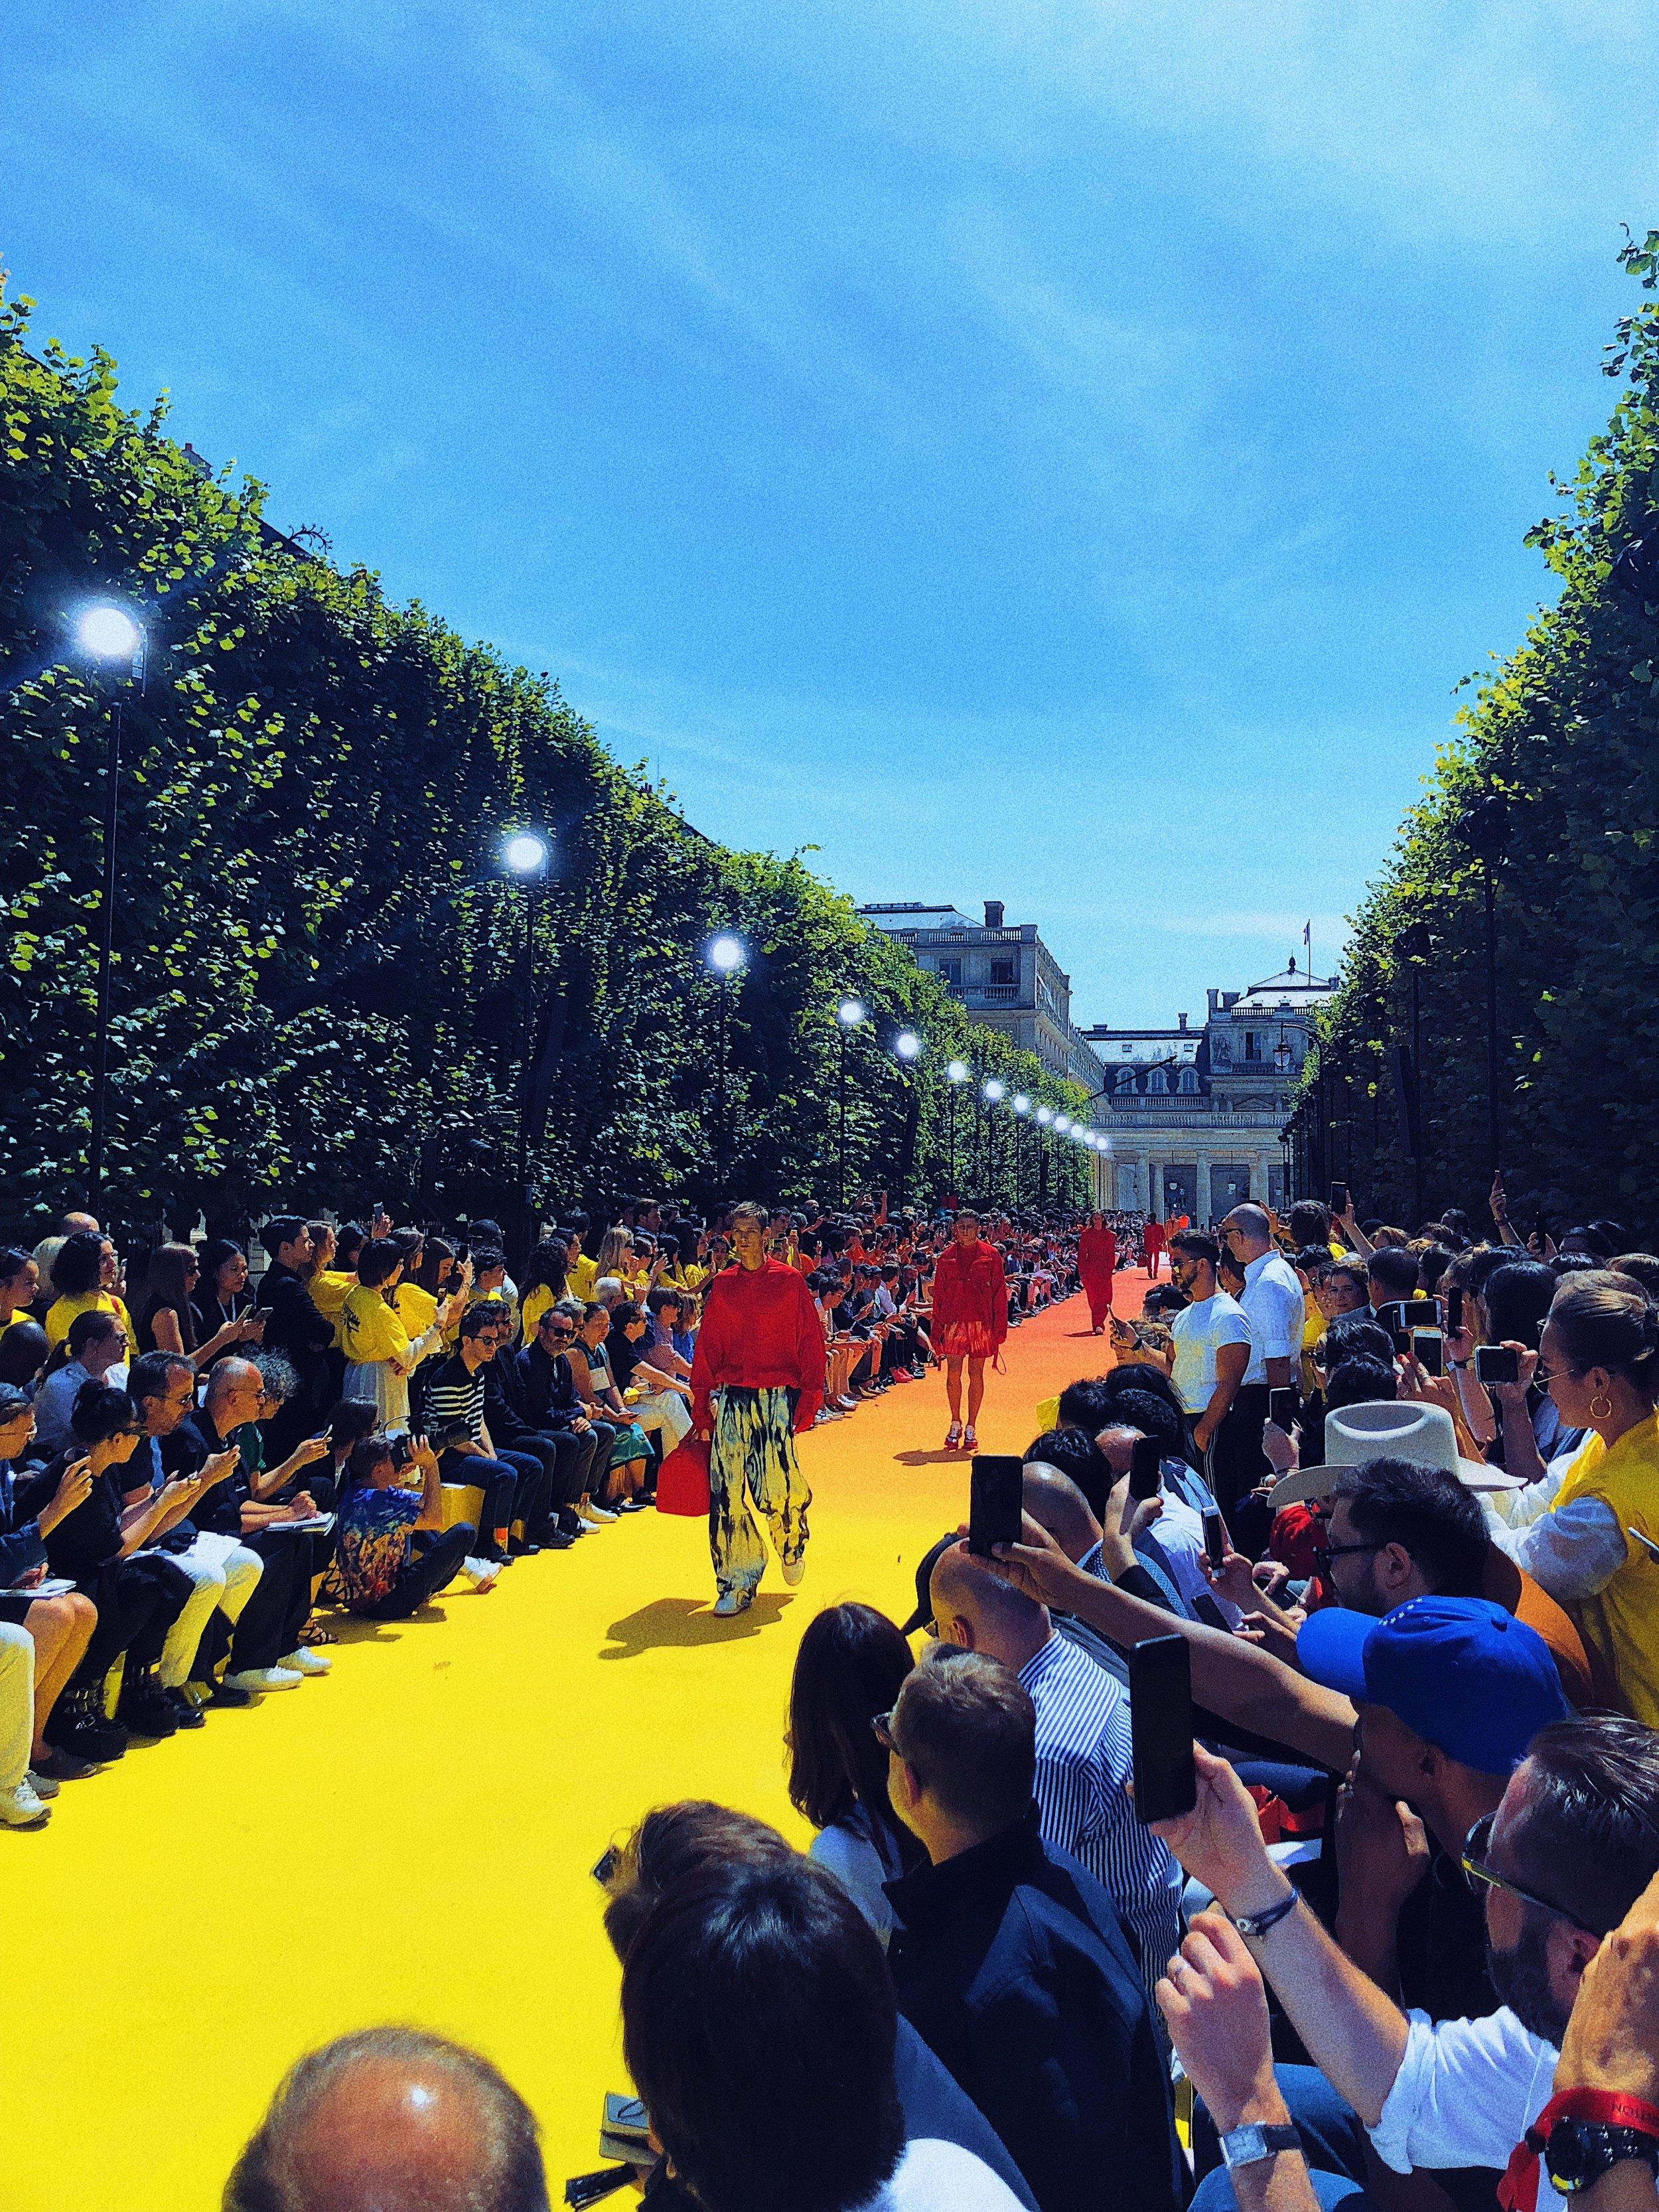 Paris, 2018. Shot on iPhone 8+